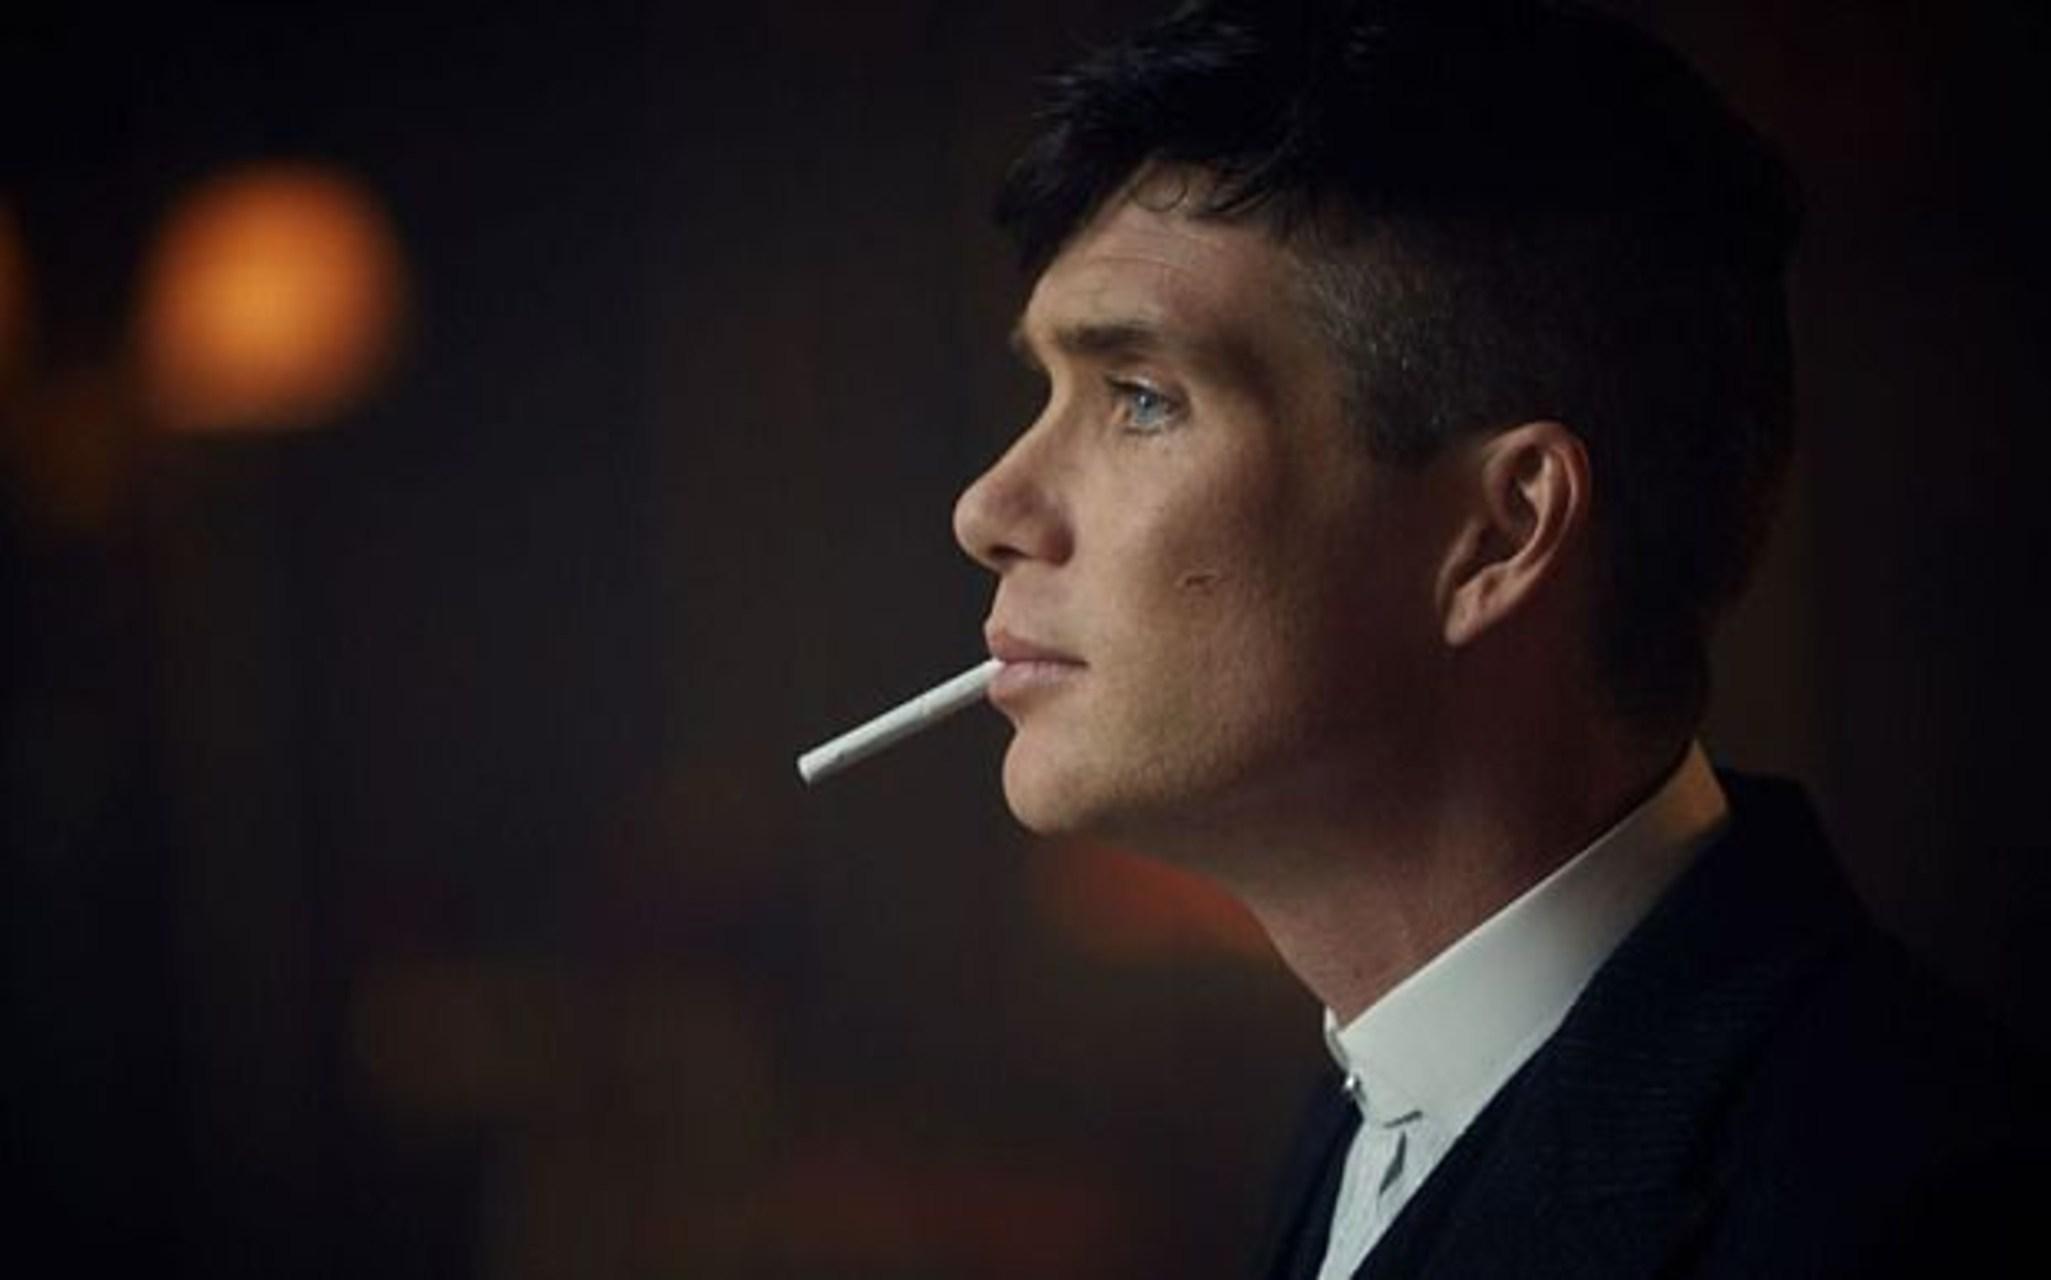 thomas shelby smoking